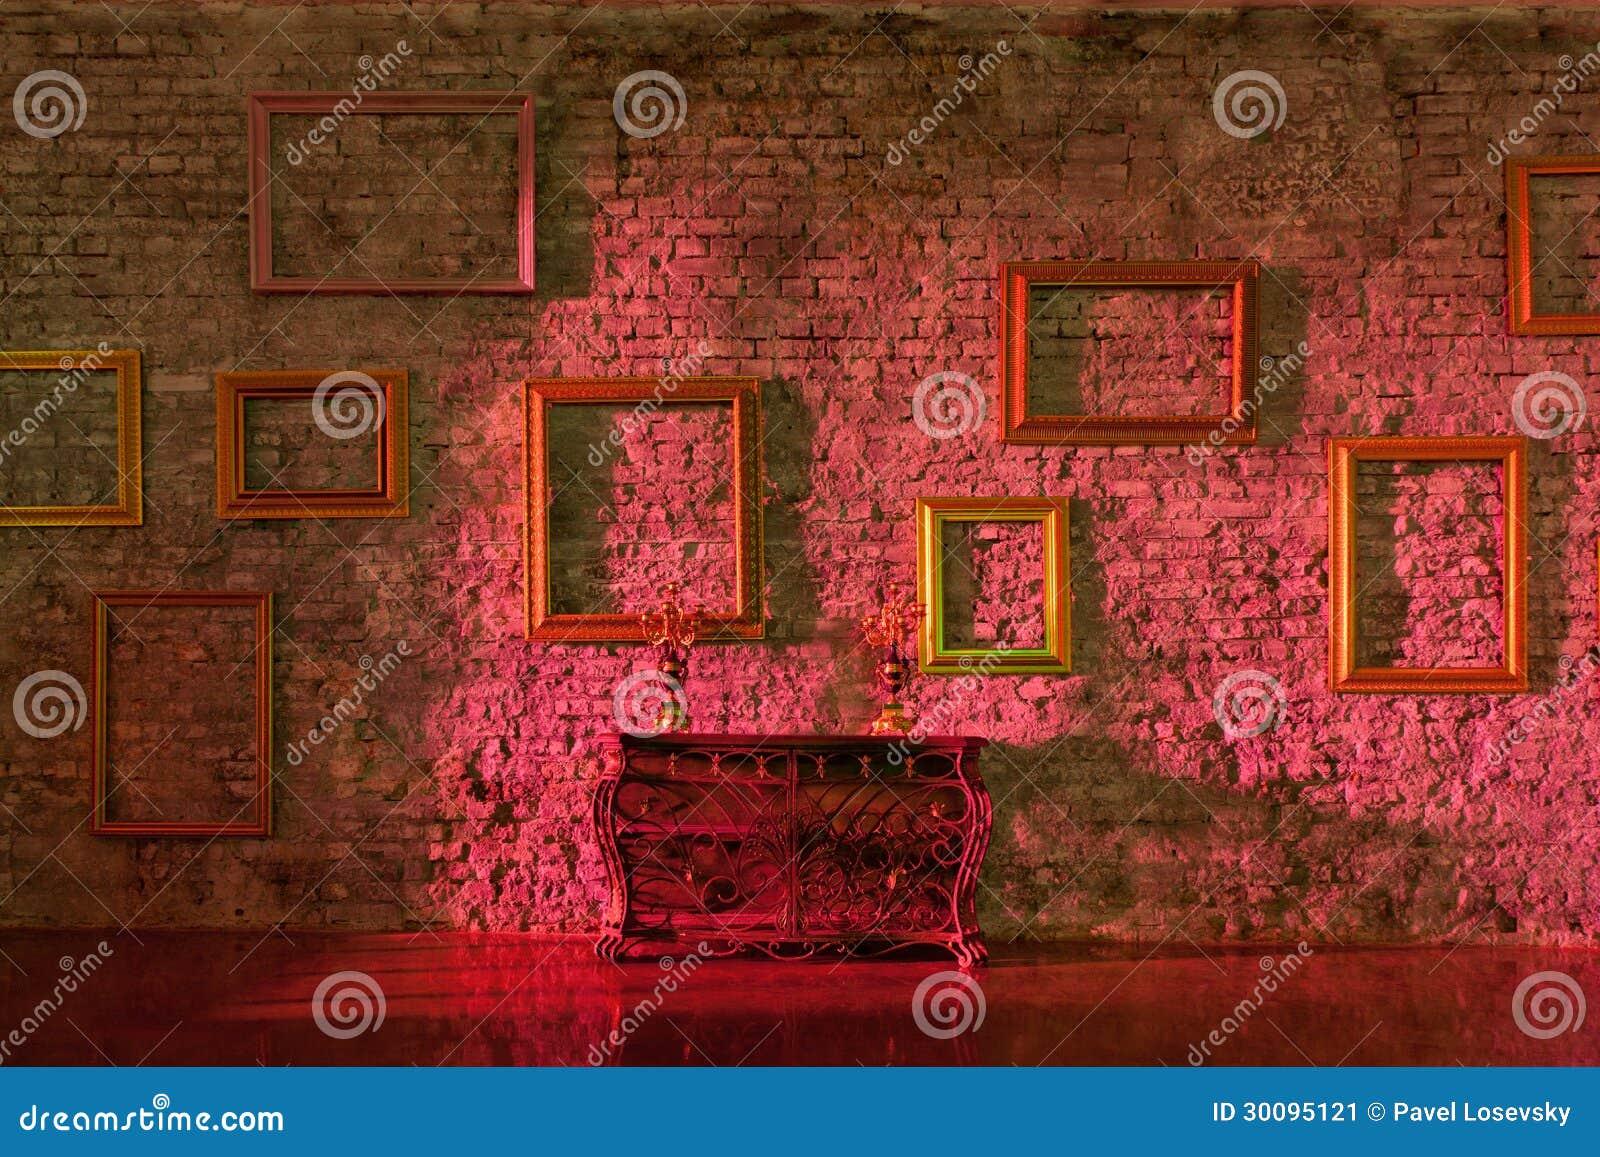 Leeren Sie Bilderrahmen Auf Der Backsteinmauer Stockbild - Bild von ...